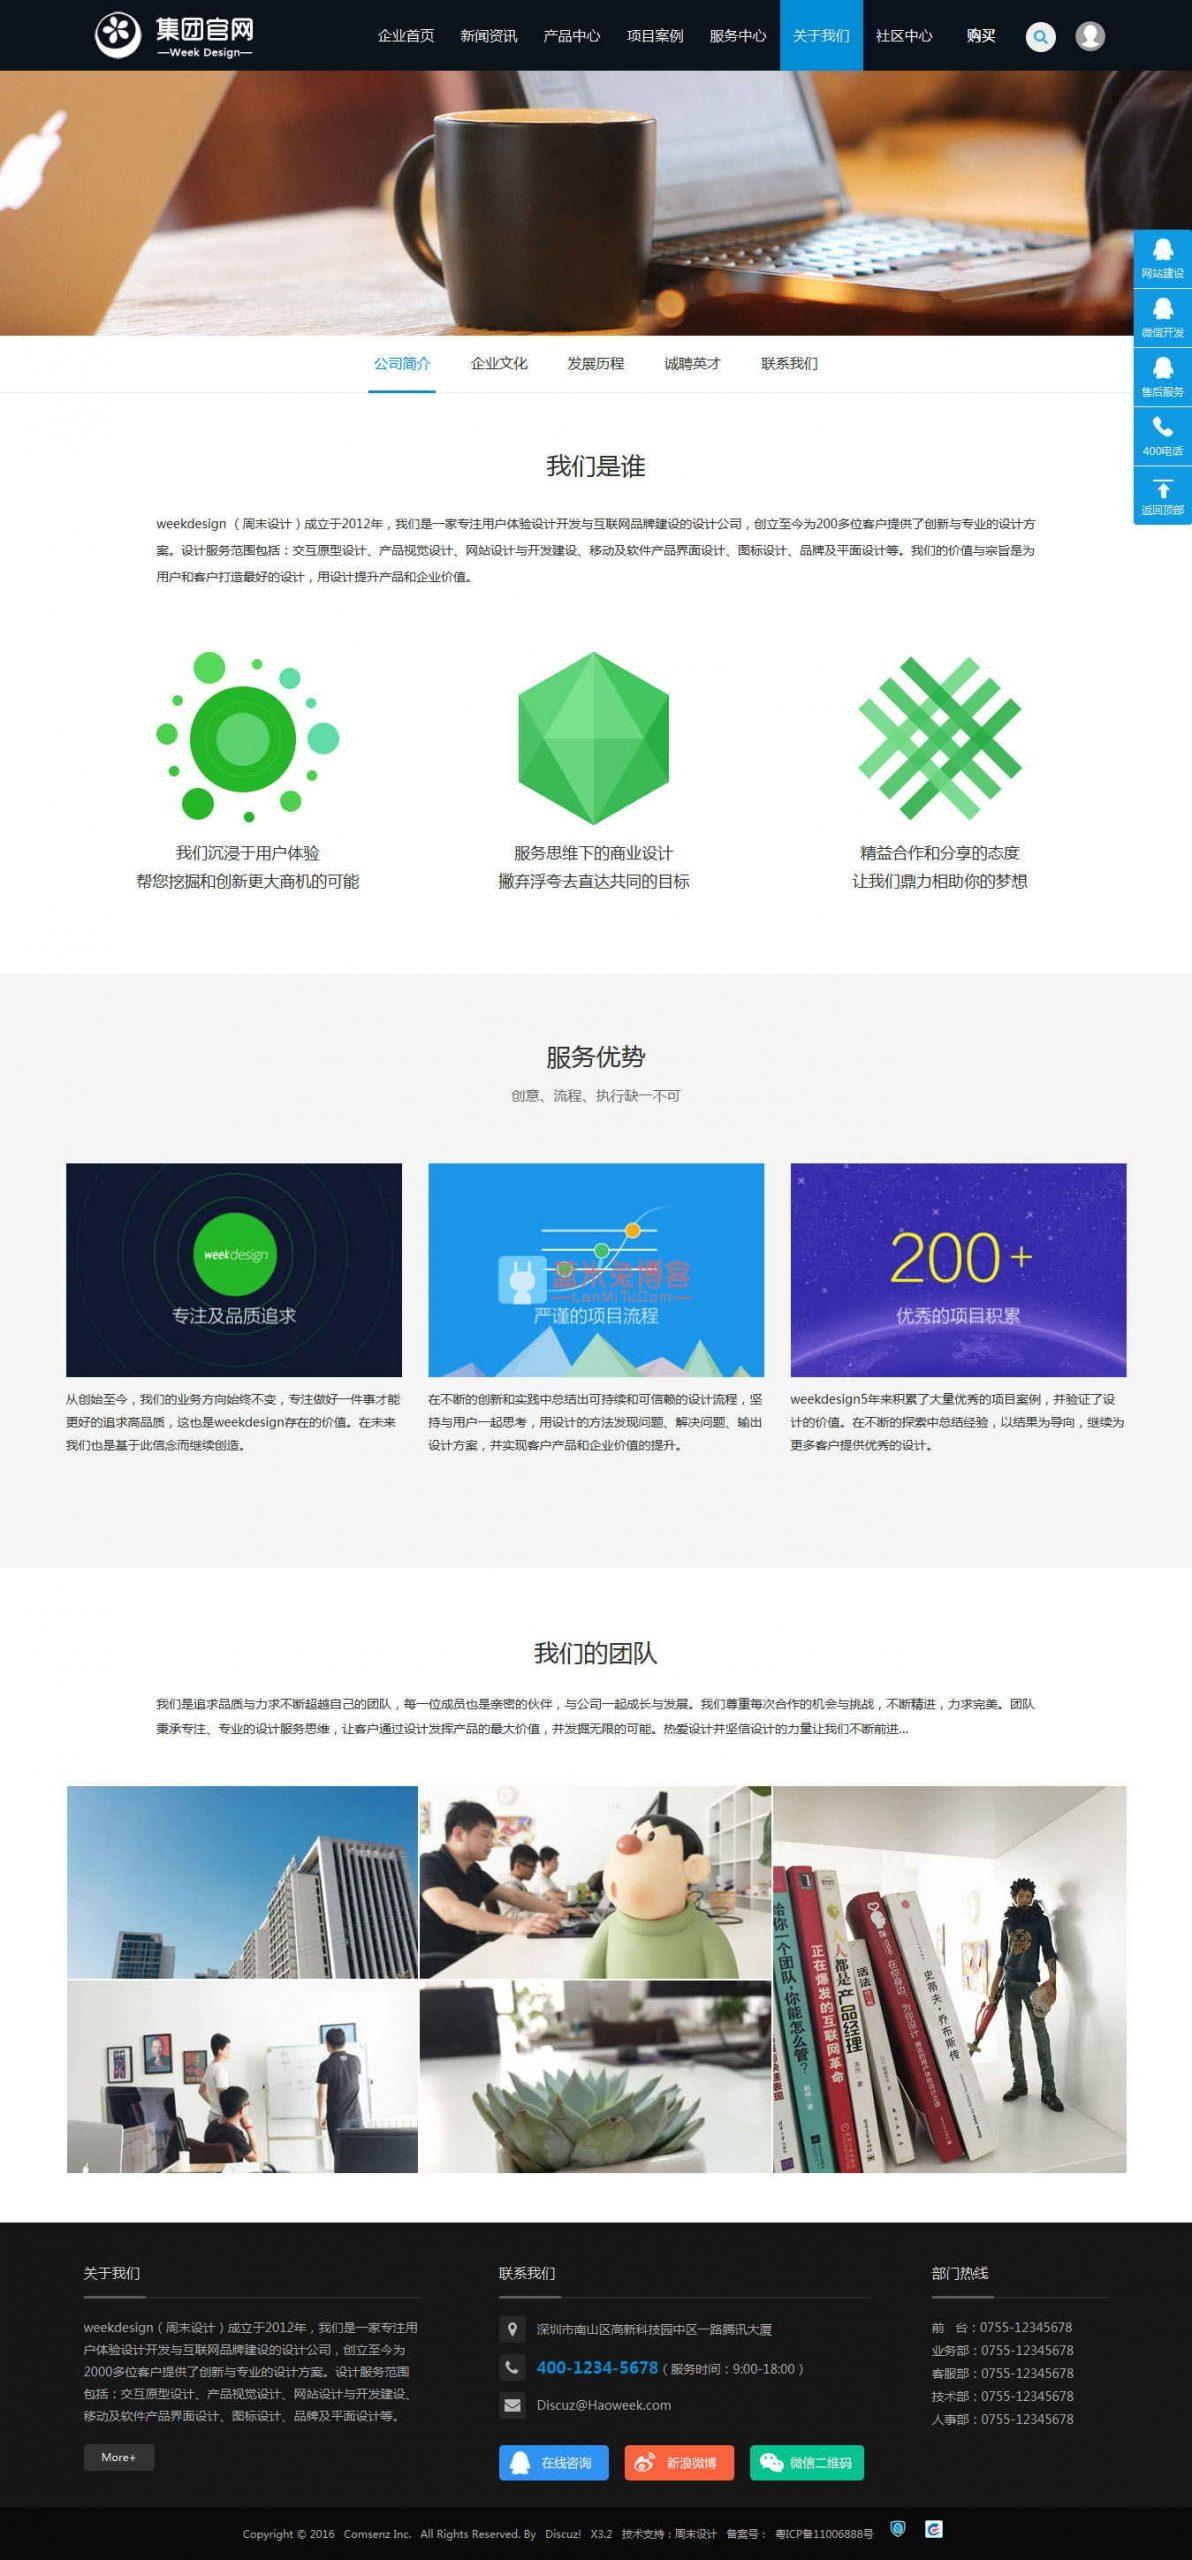 【Discuz 模板】高端企业 集团官网 企业官网模板 商业版